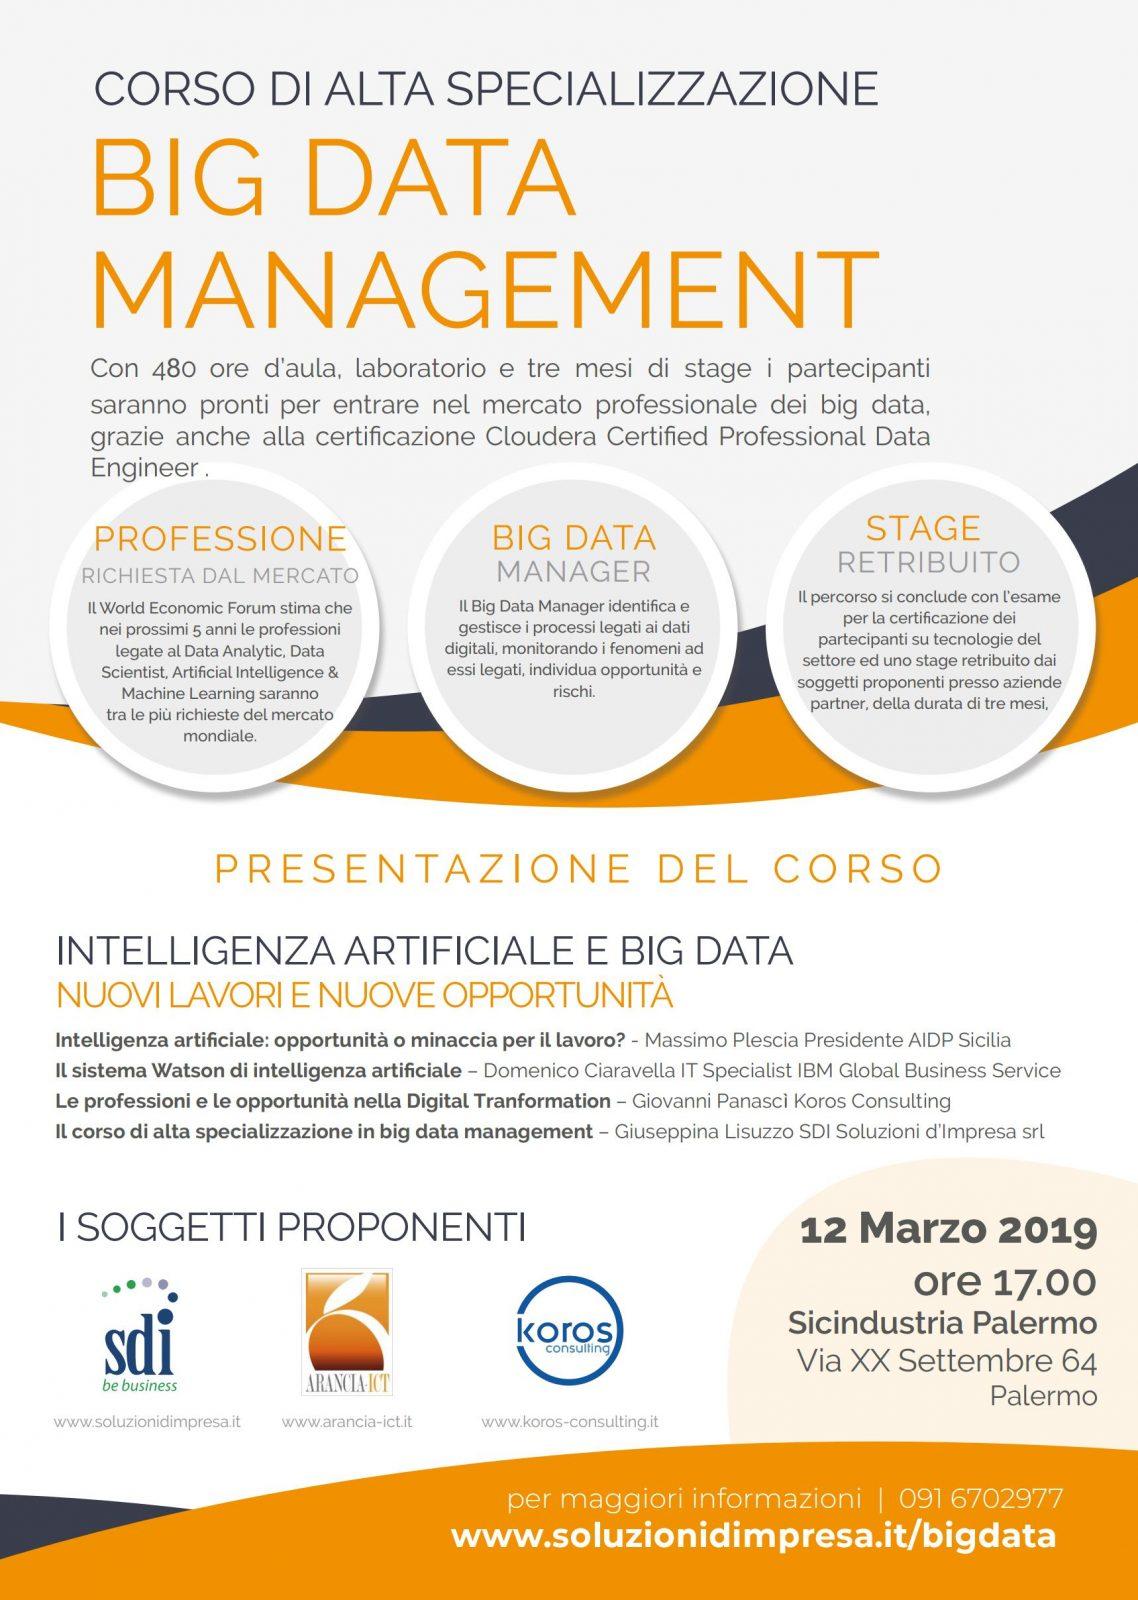 Corso di alta specializzazione BIG  DATA management